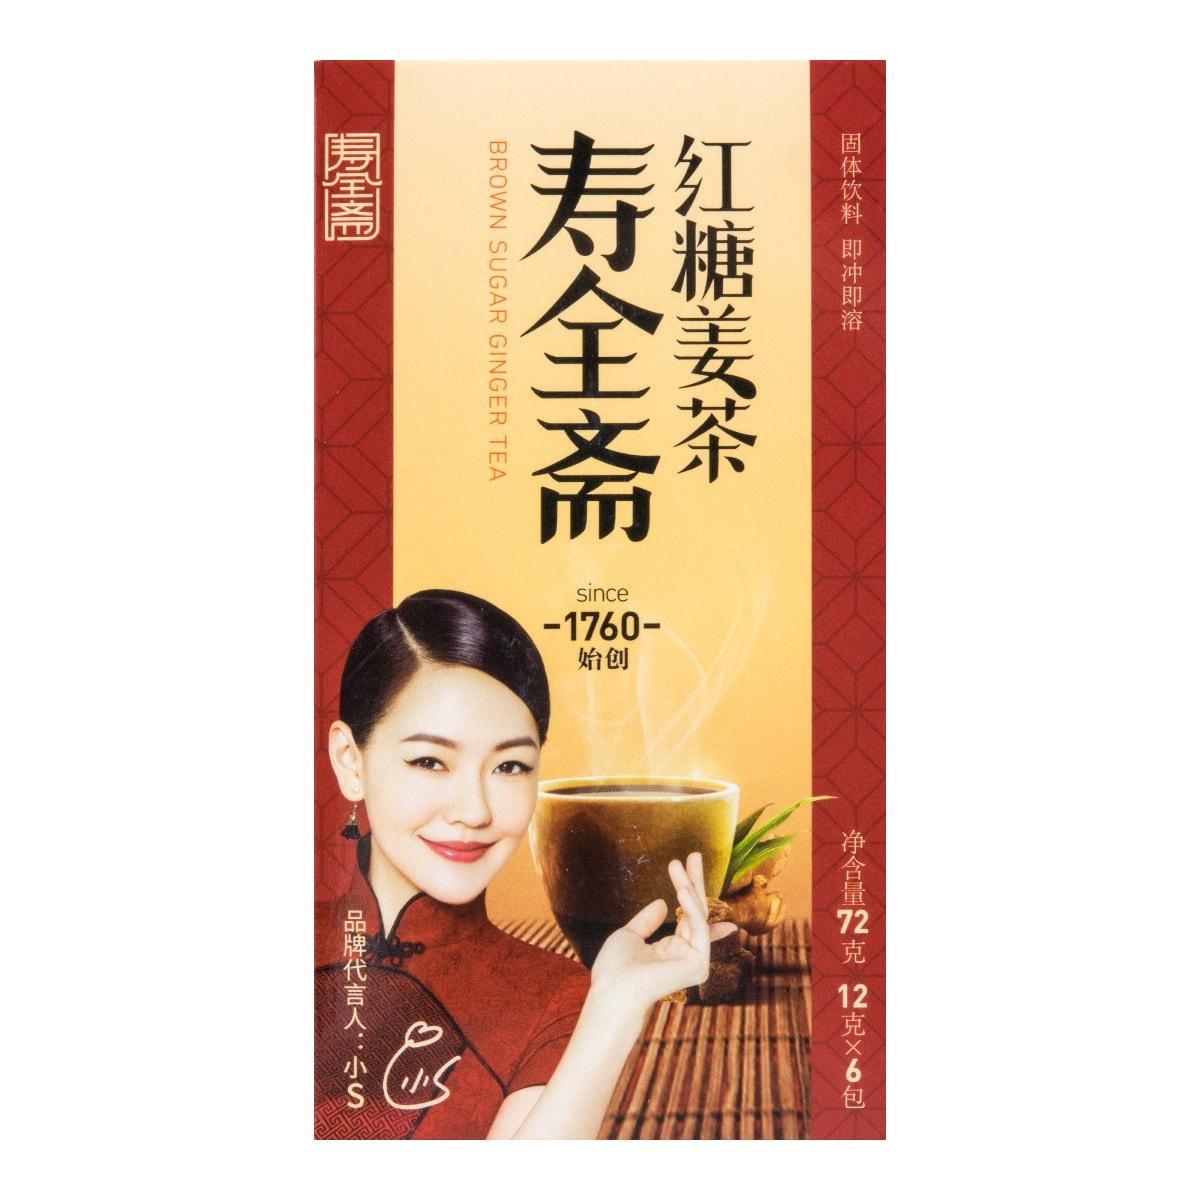 SHOU QUAN ZHAI Ginger Tea- Red Sugar Flavor 72g